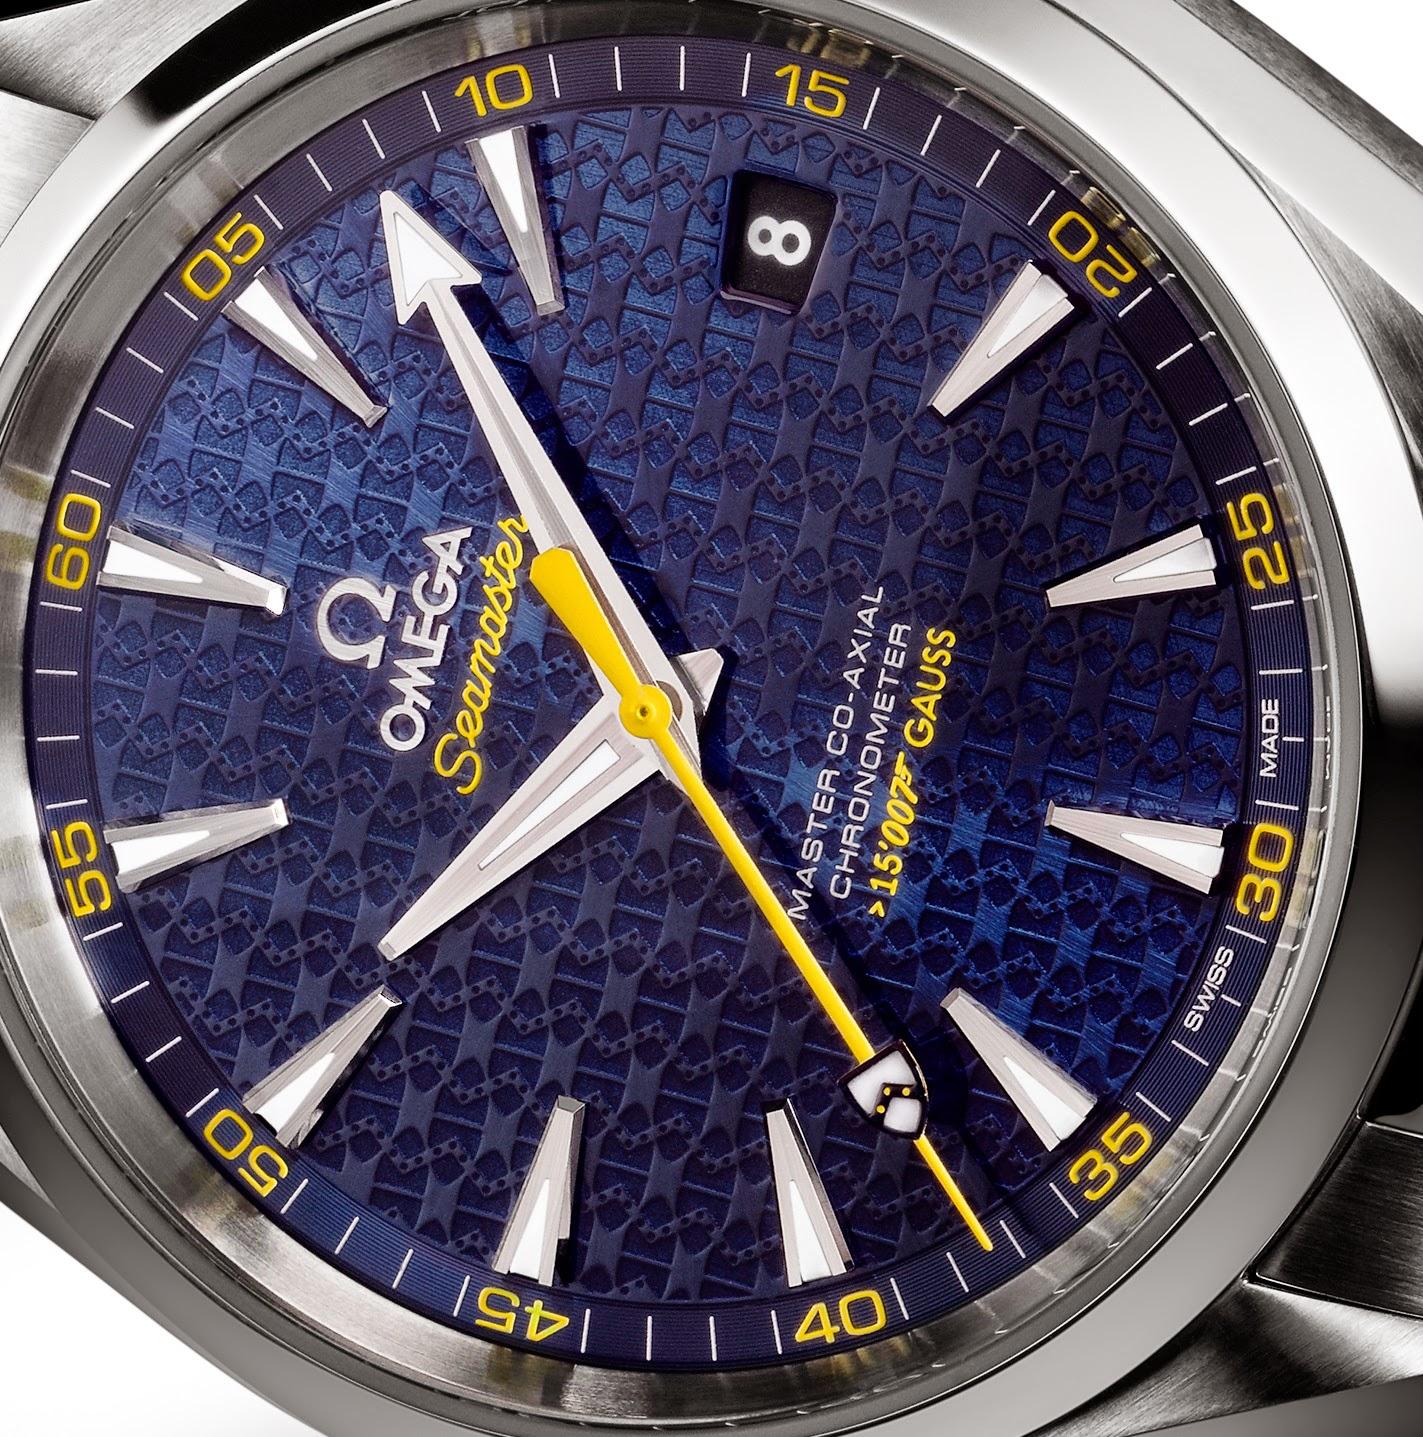 Omega - Seamaster Aqua Terra 150M